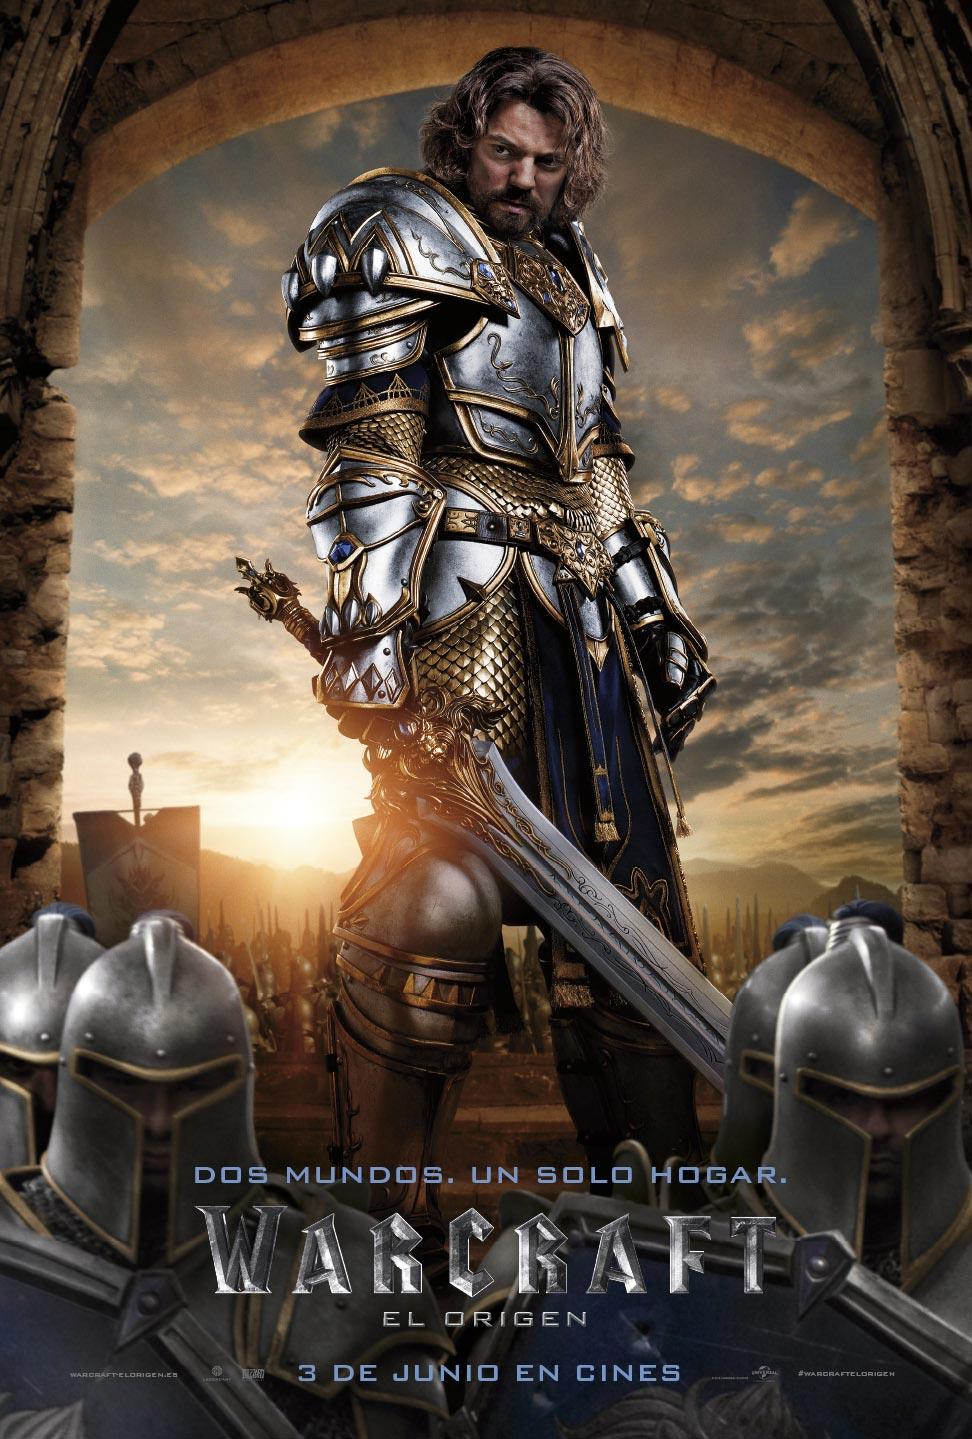 poster de la pelicula warcraft